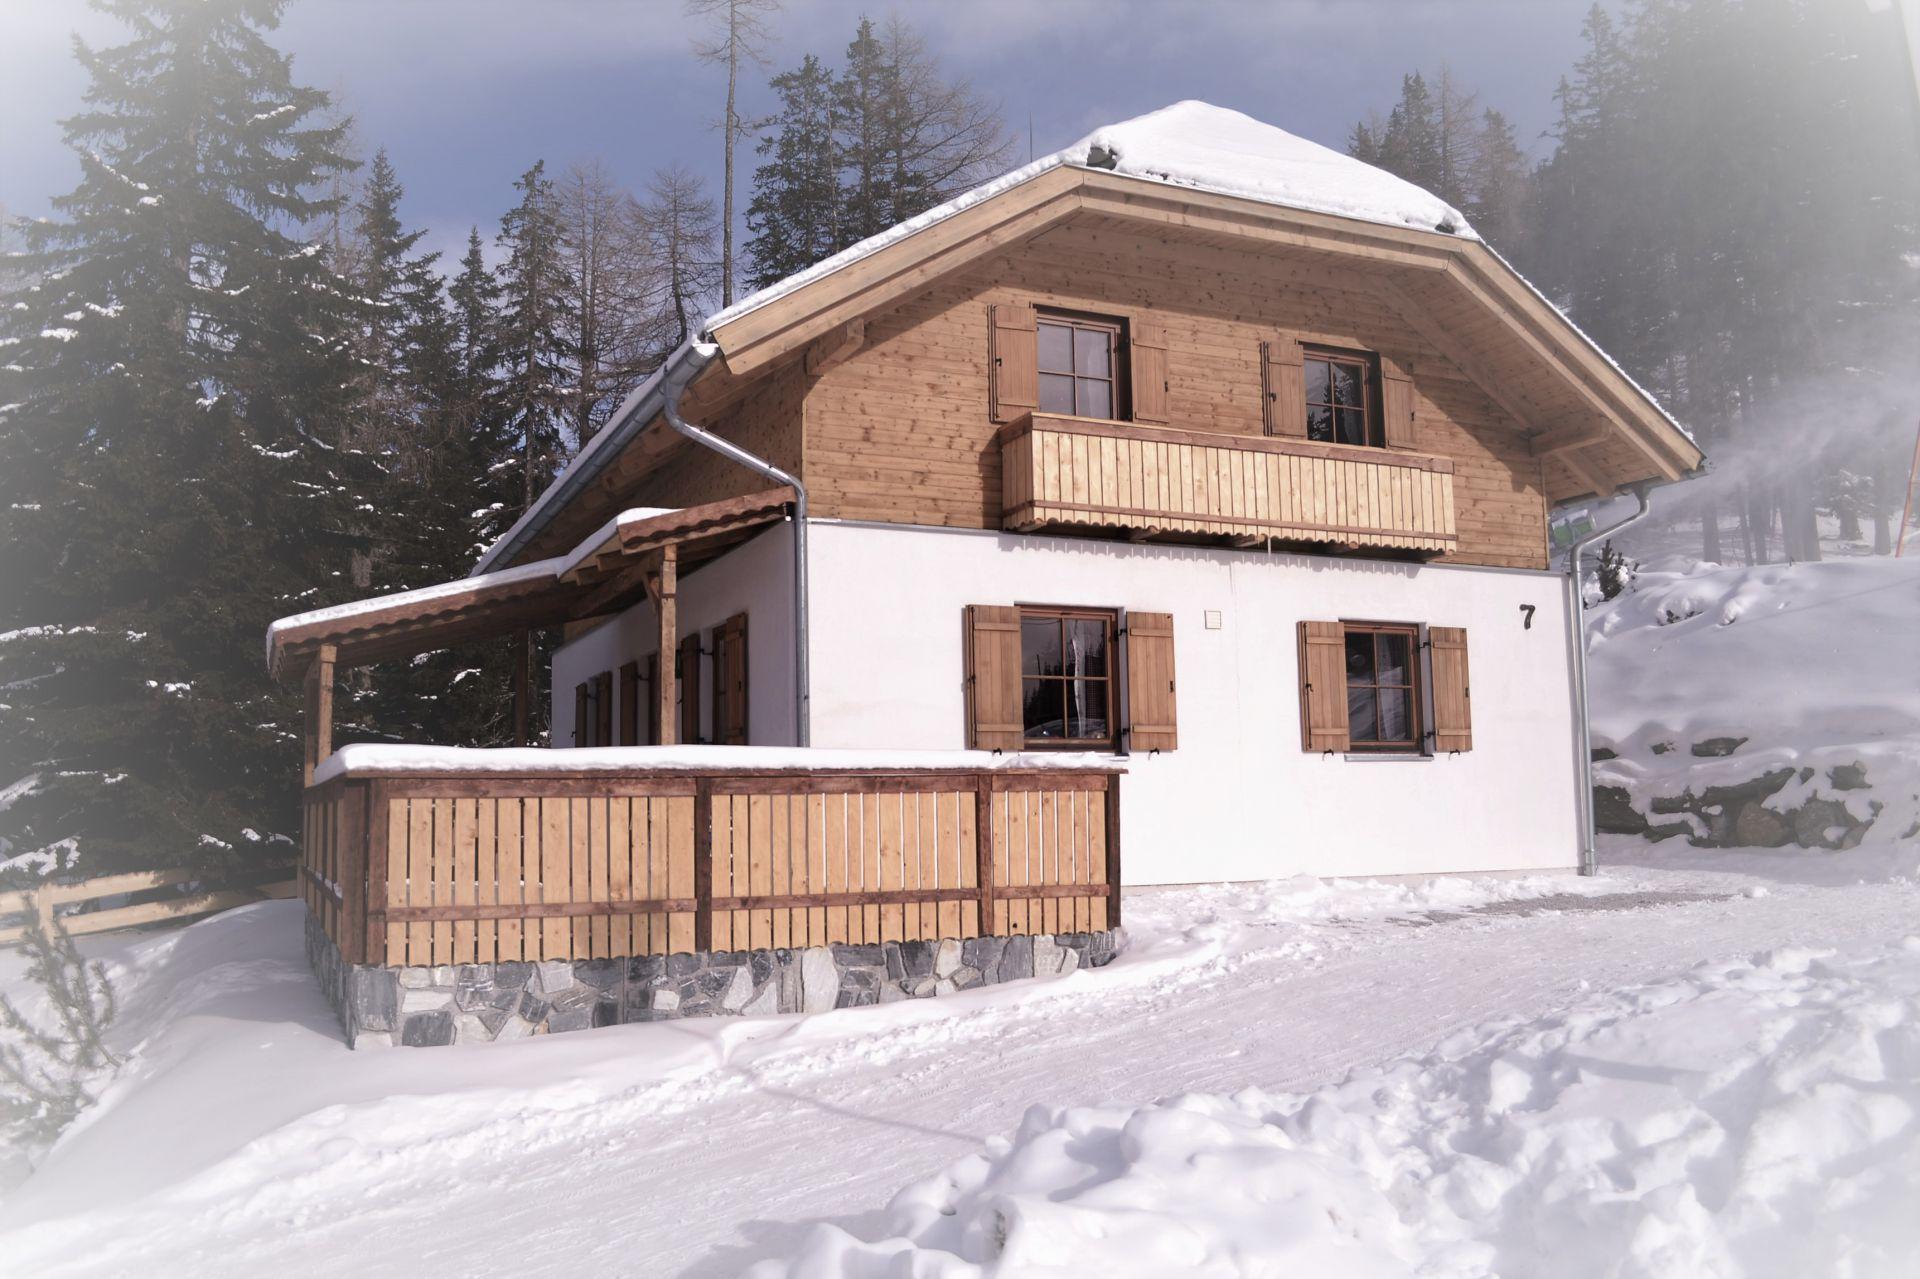 Hüttenurlaub im Winter am Katschberg Bild 1